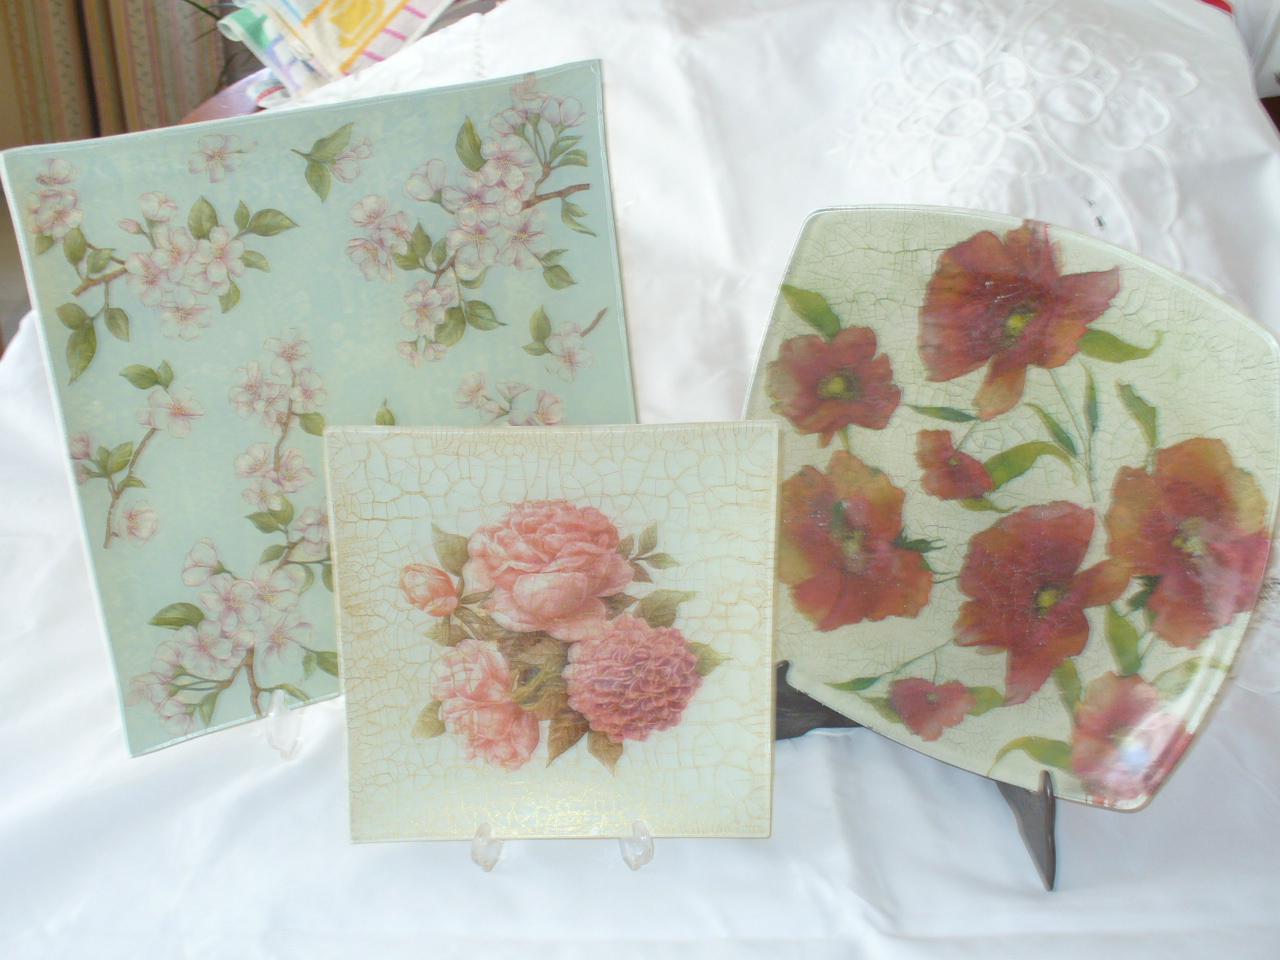 Bandejas cuadradas decoradas con servilletas de papel el - Servilletas de papel decoradas para manualidades ...